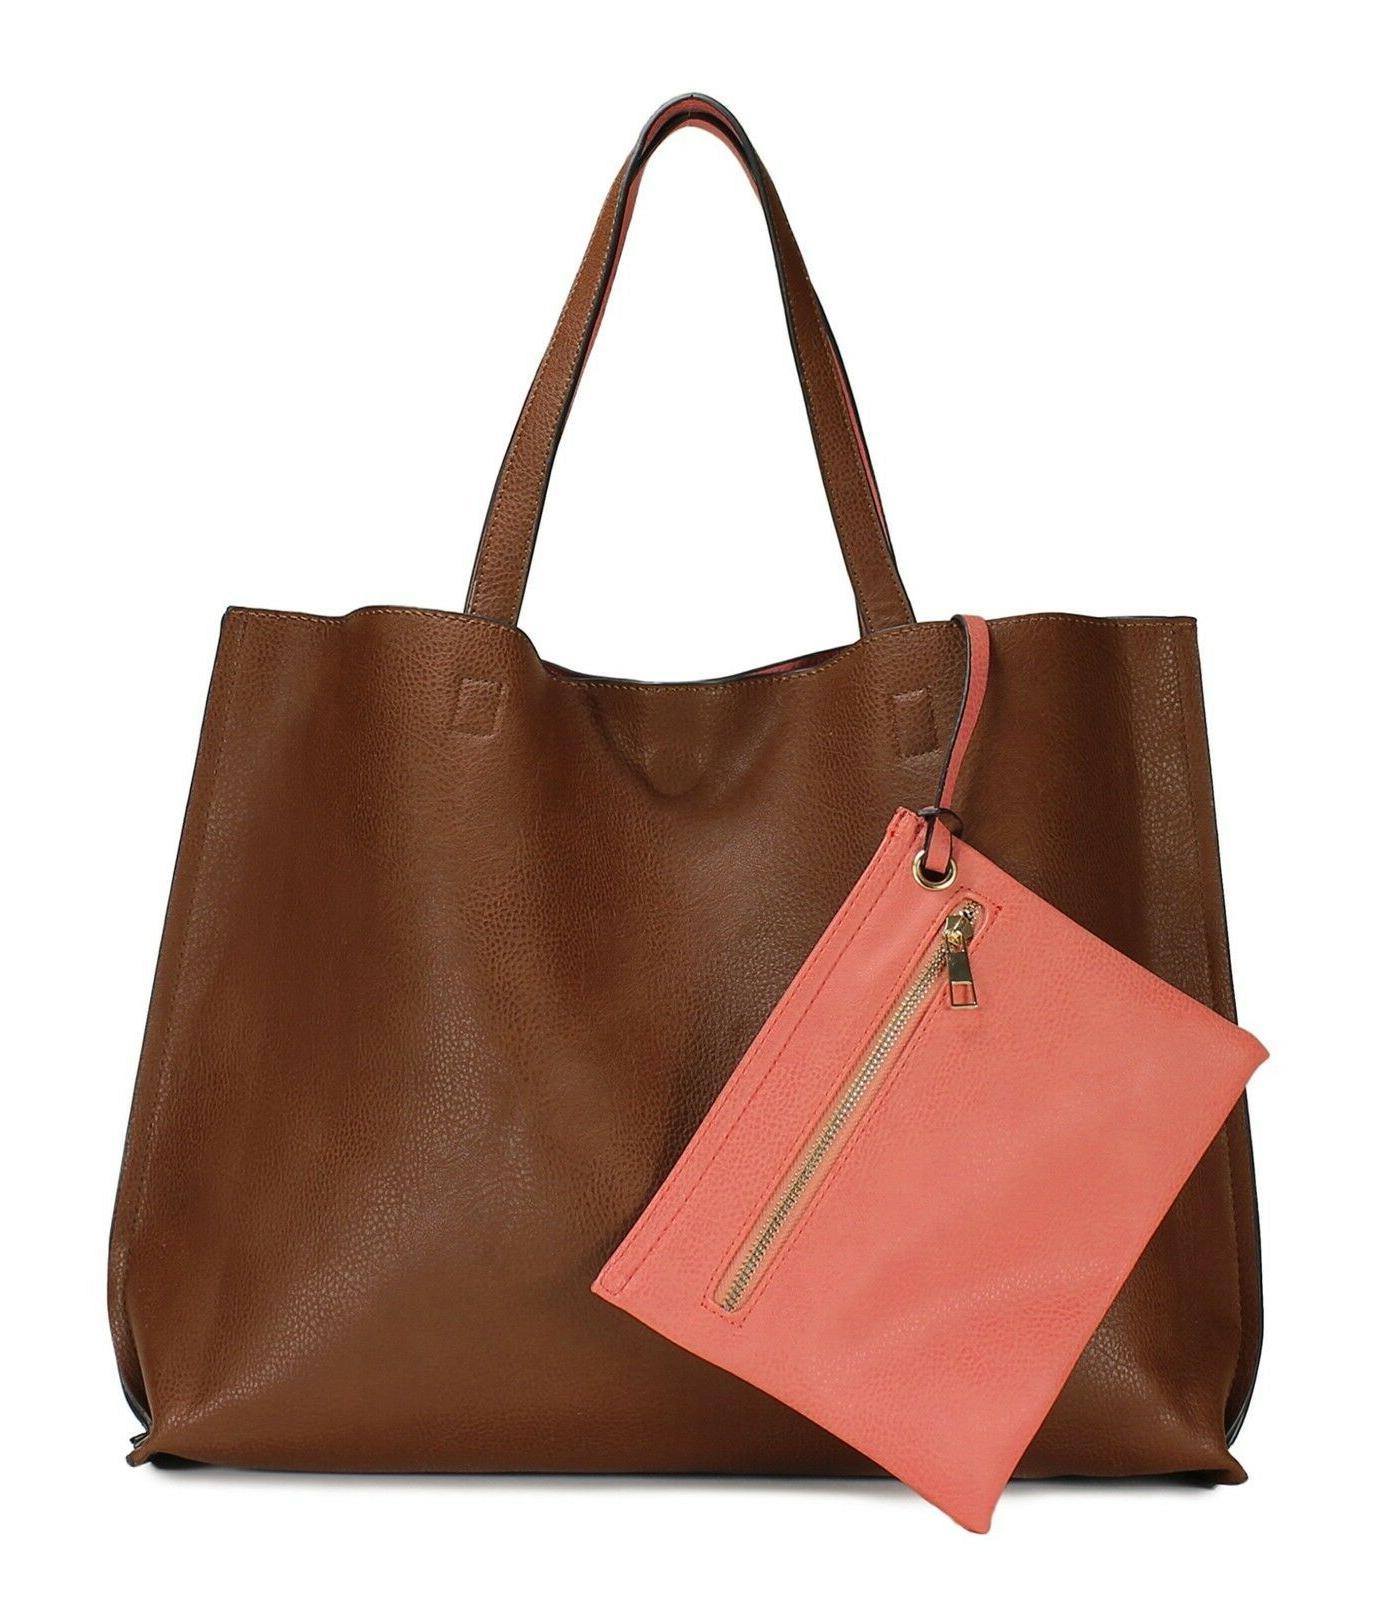 Scarleton Stylish Reversible Tote Bag H18420452 - Brown/Cora